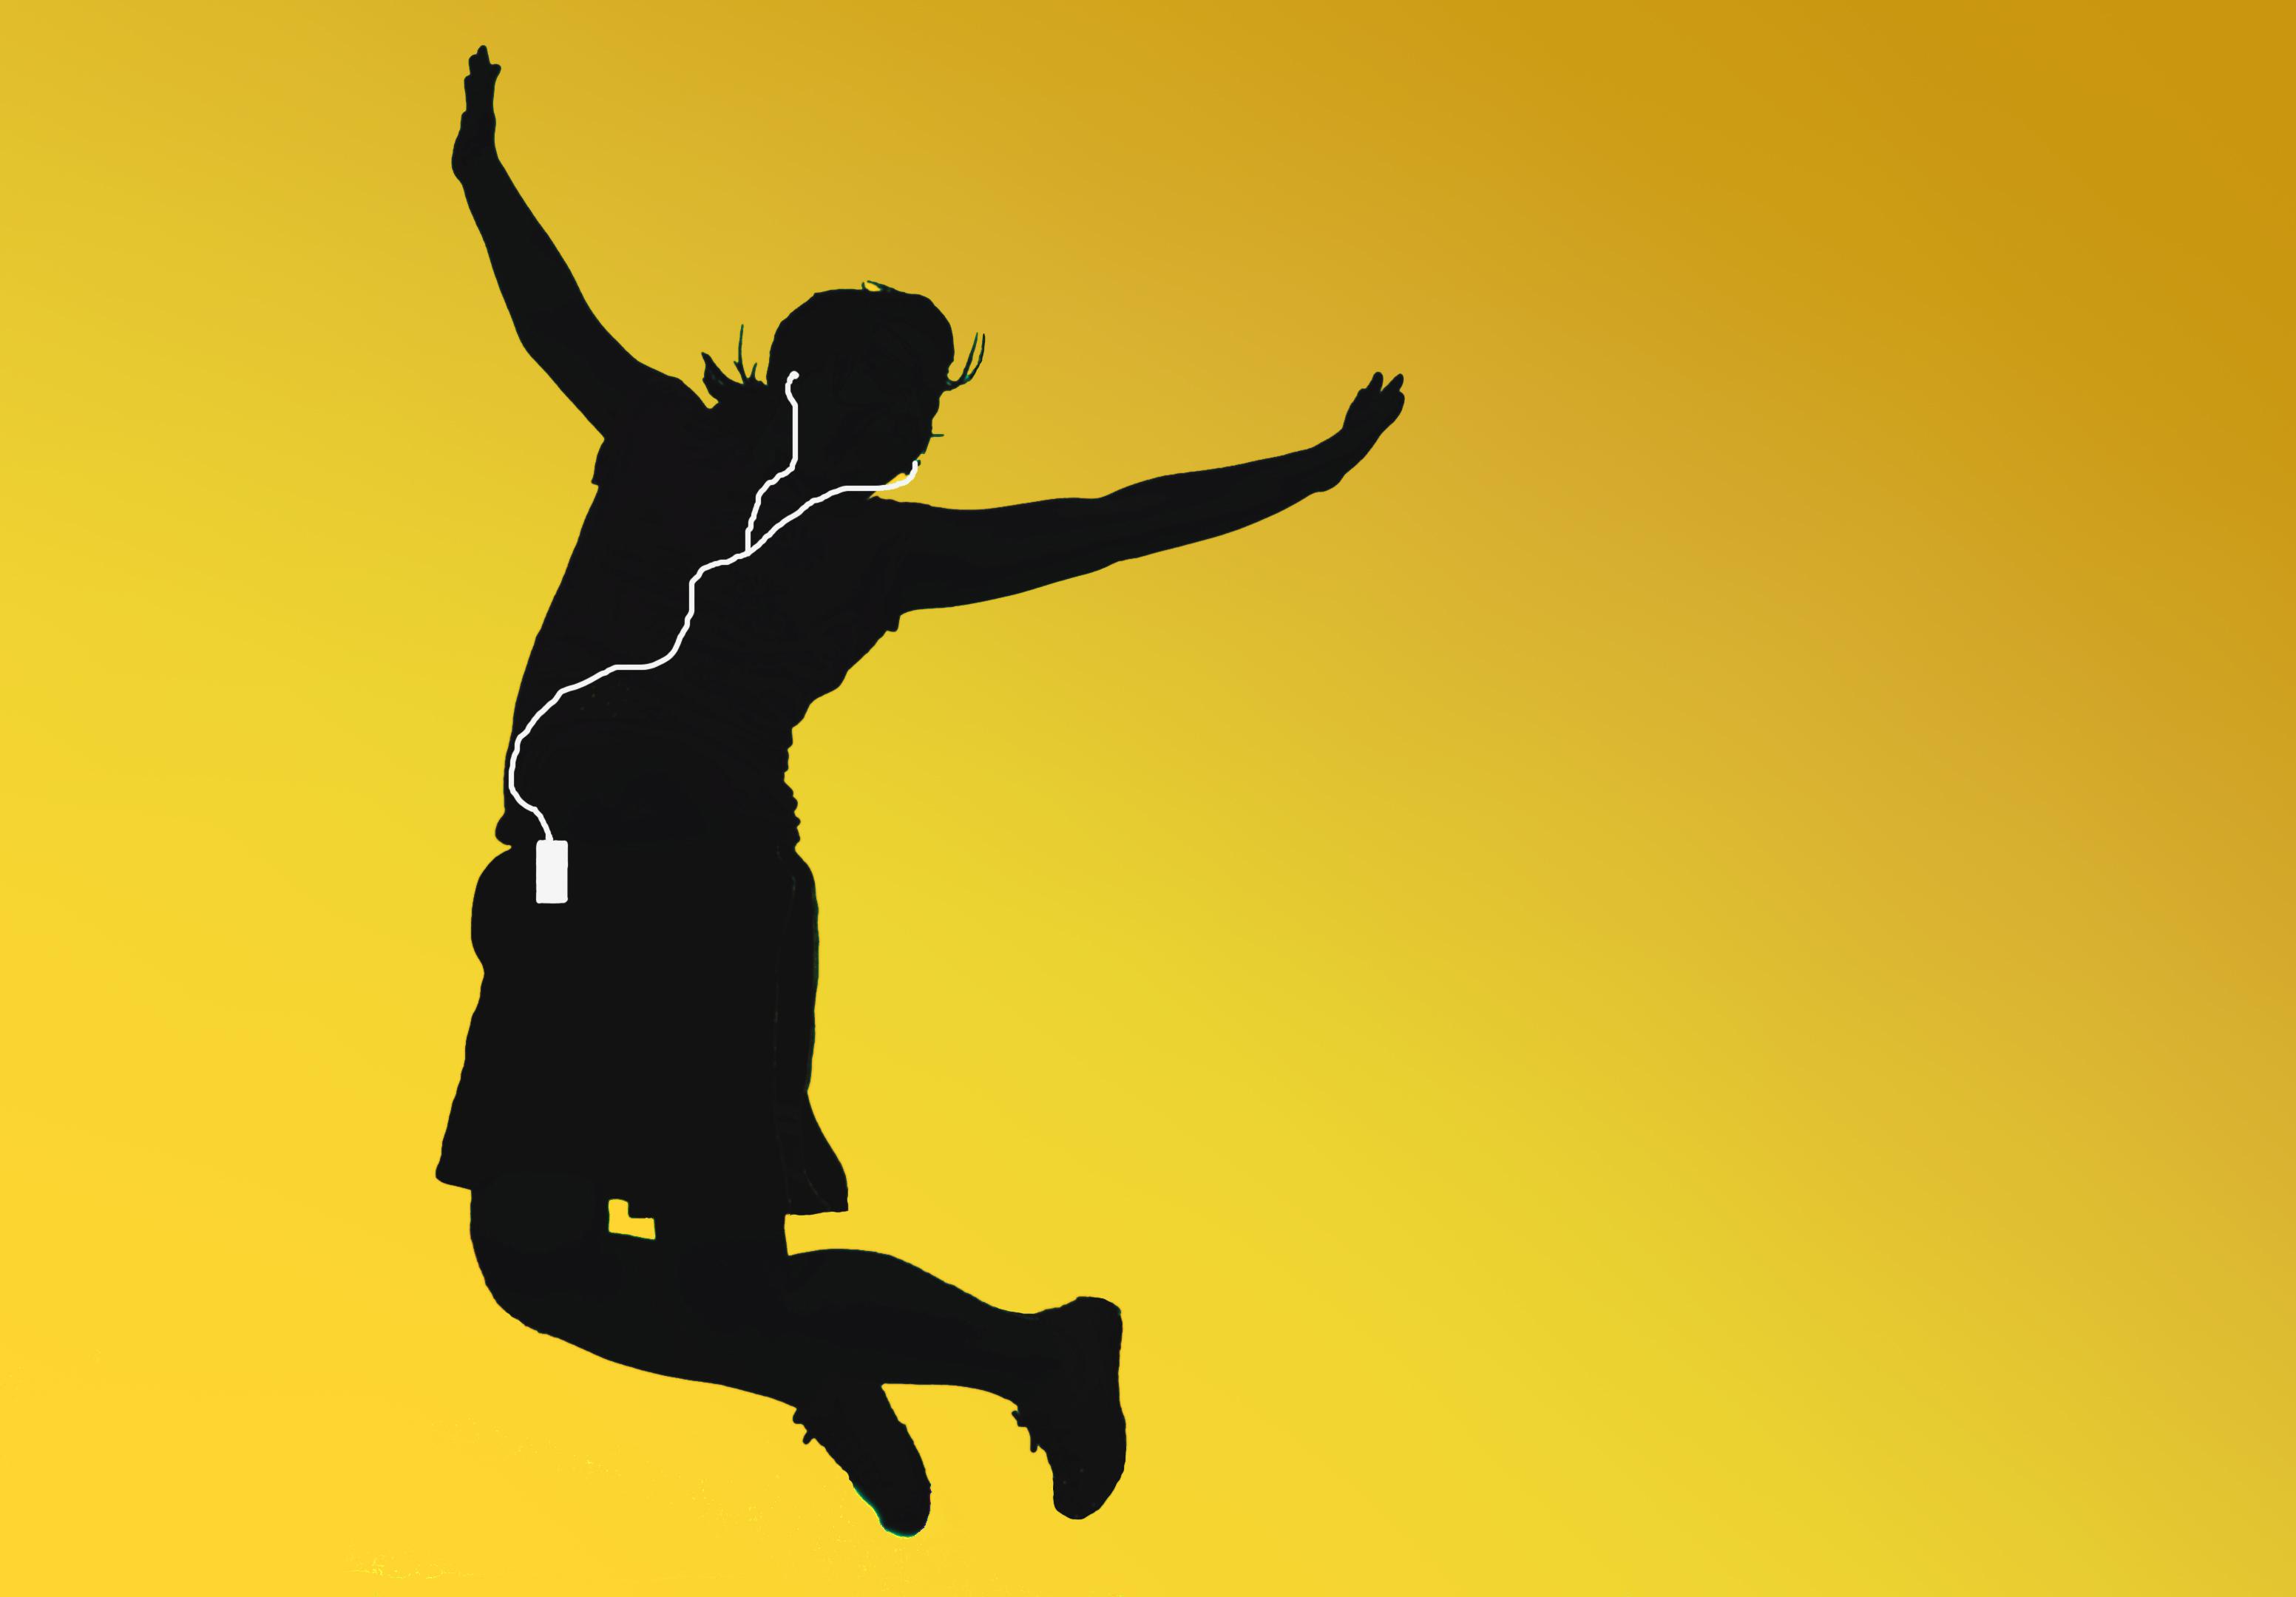 フリー写真素材|グラフィックス|イラスト|人物(イラスト)|跳ぶ